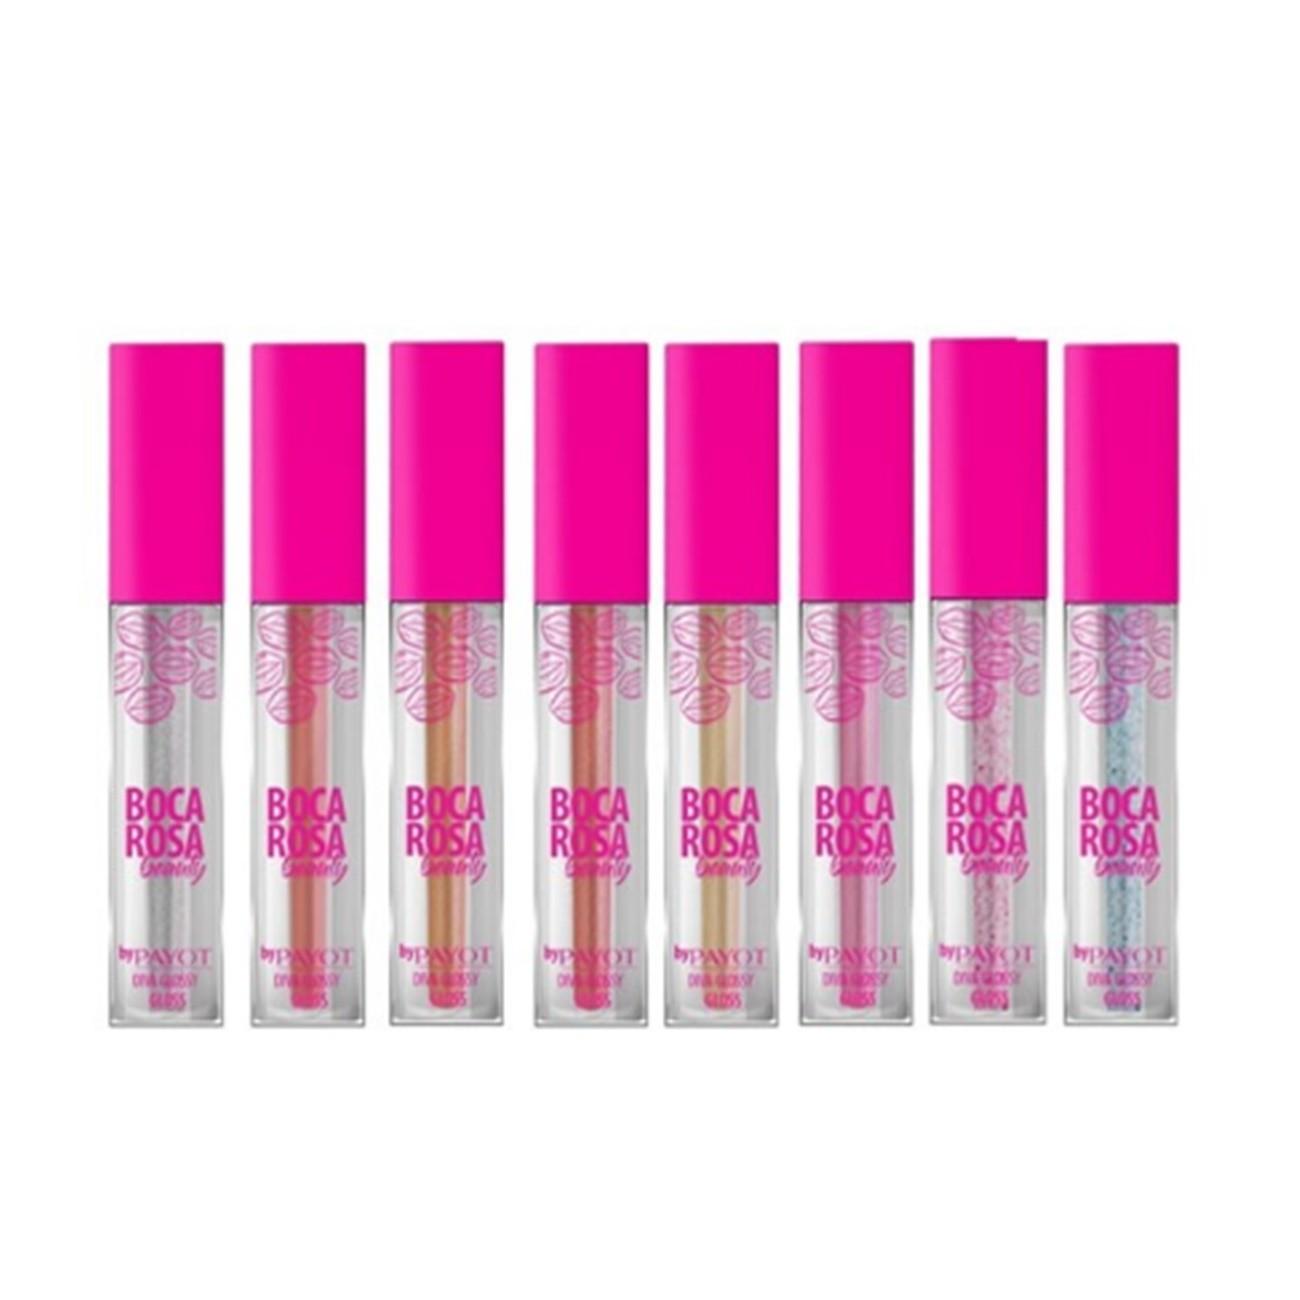 Gloss 4ml - Boca Rosa Beauty